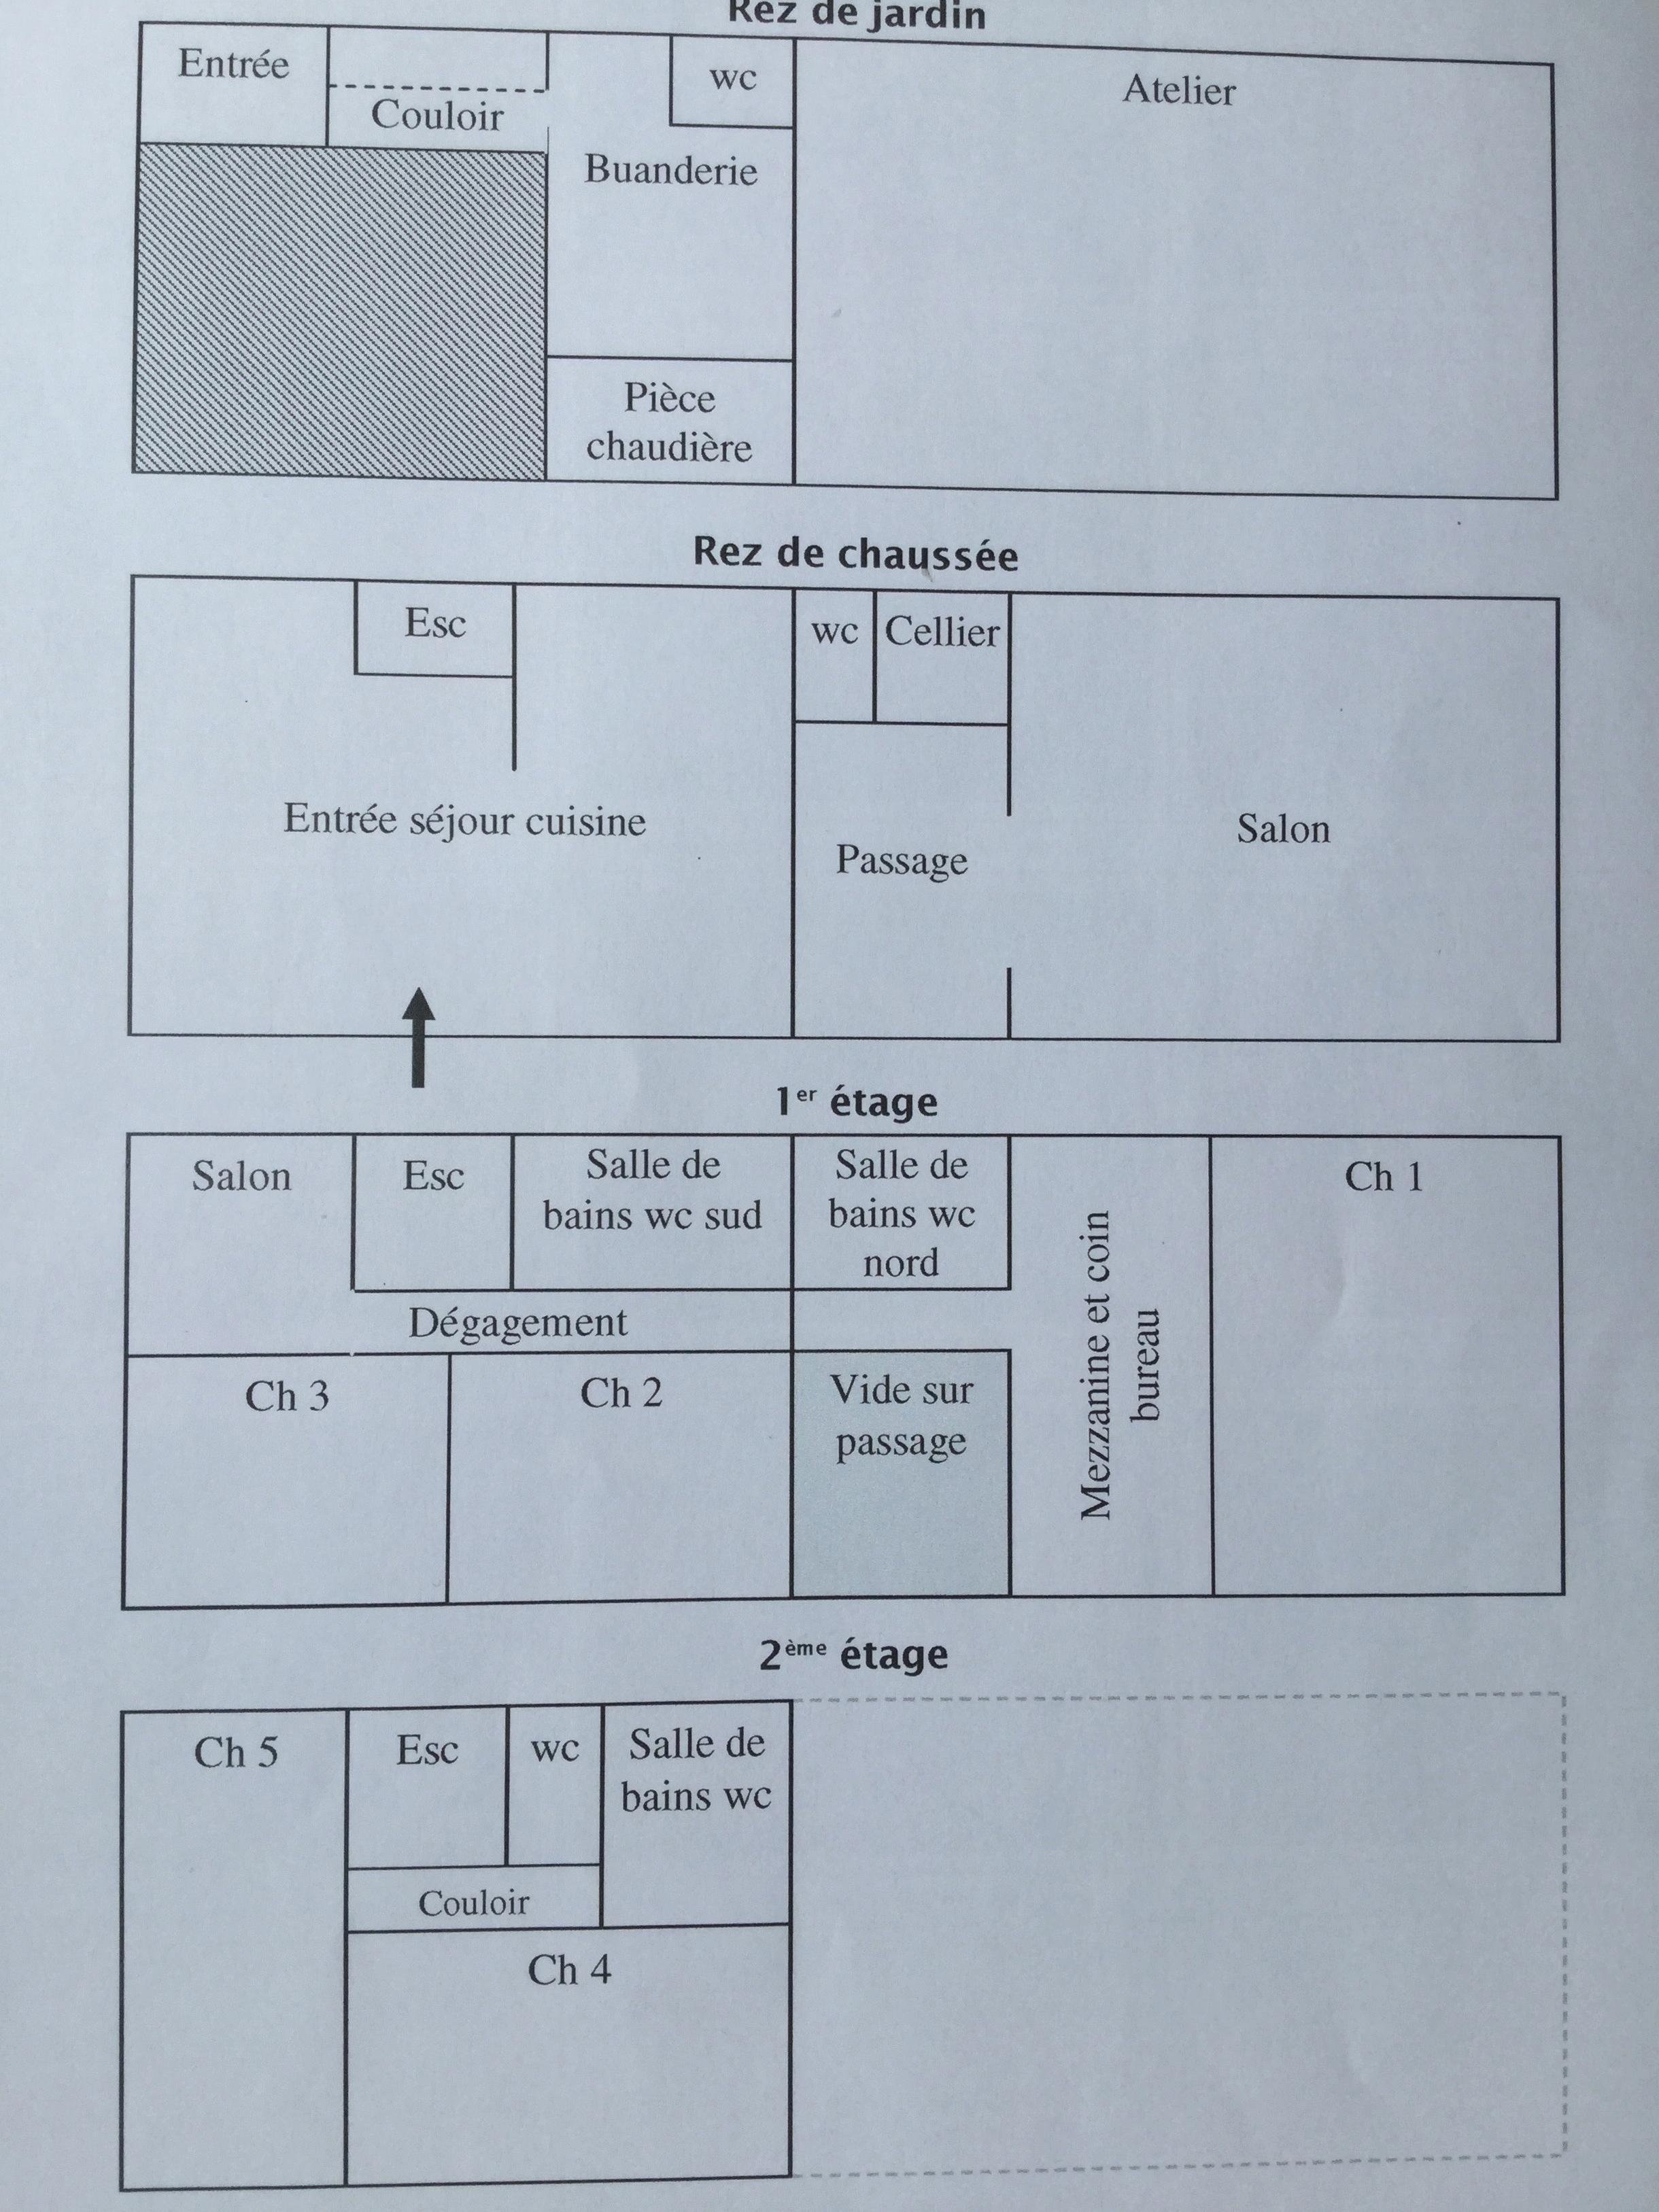 Plan of each of 4 floors